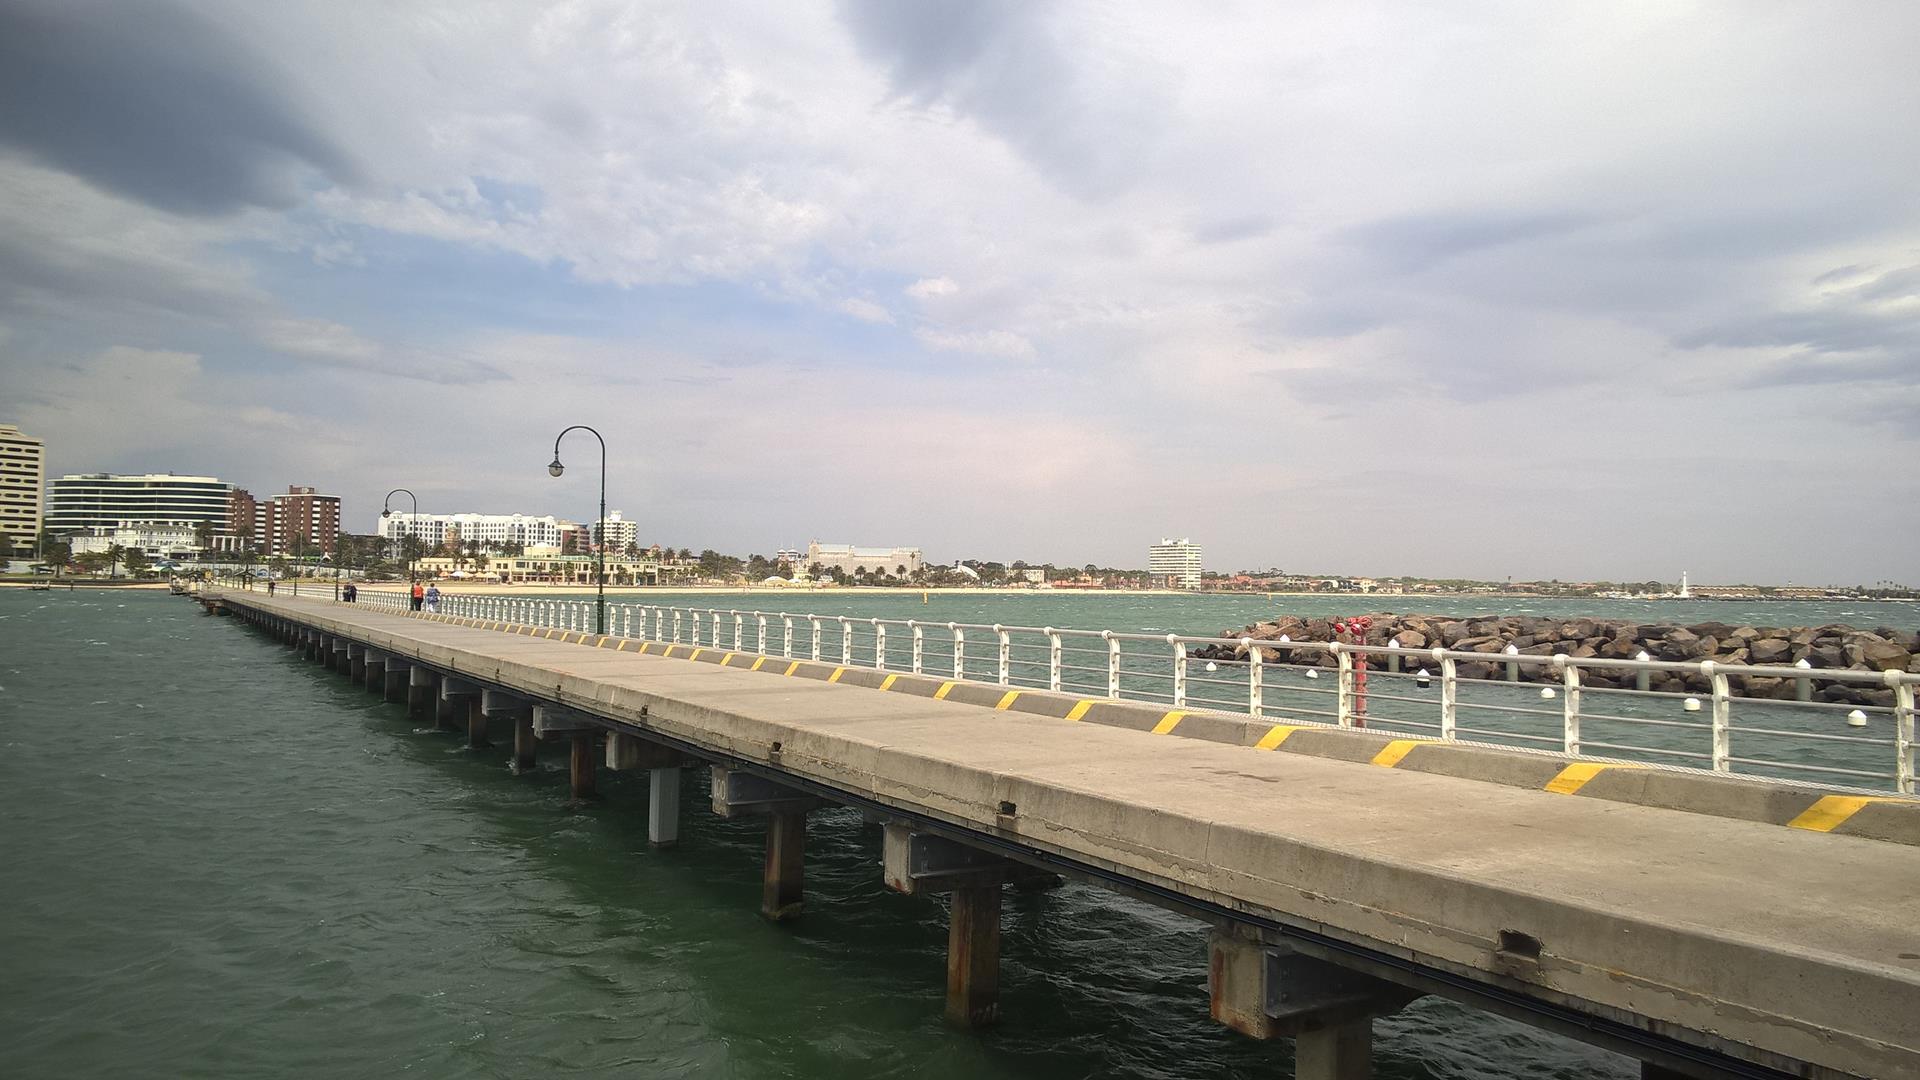 Pier von St. Kilda